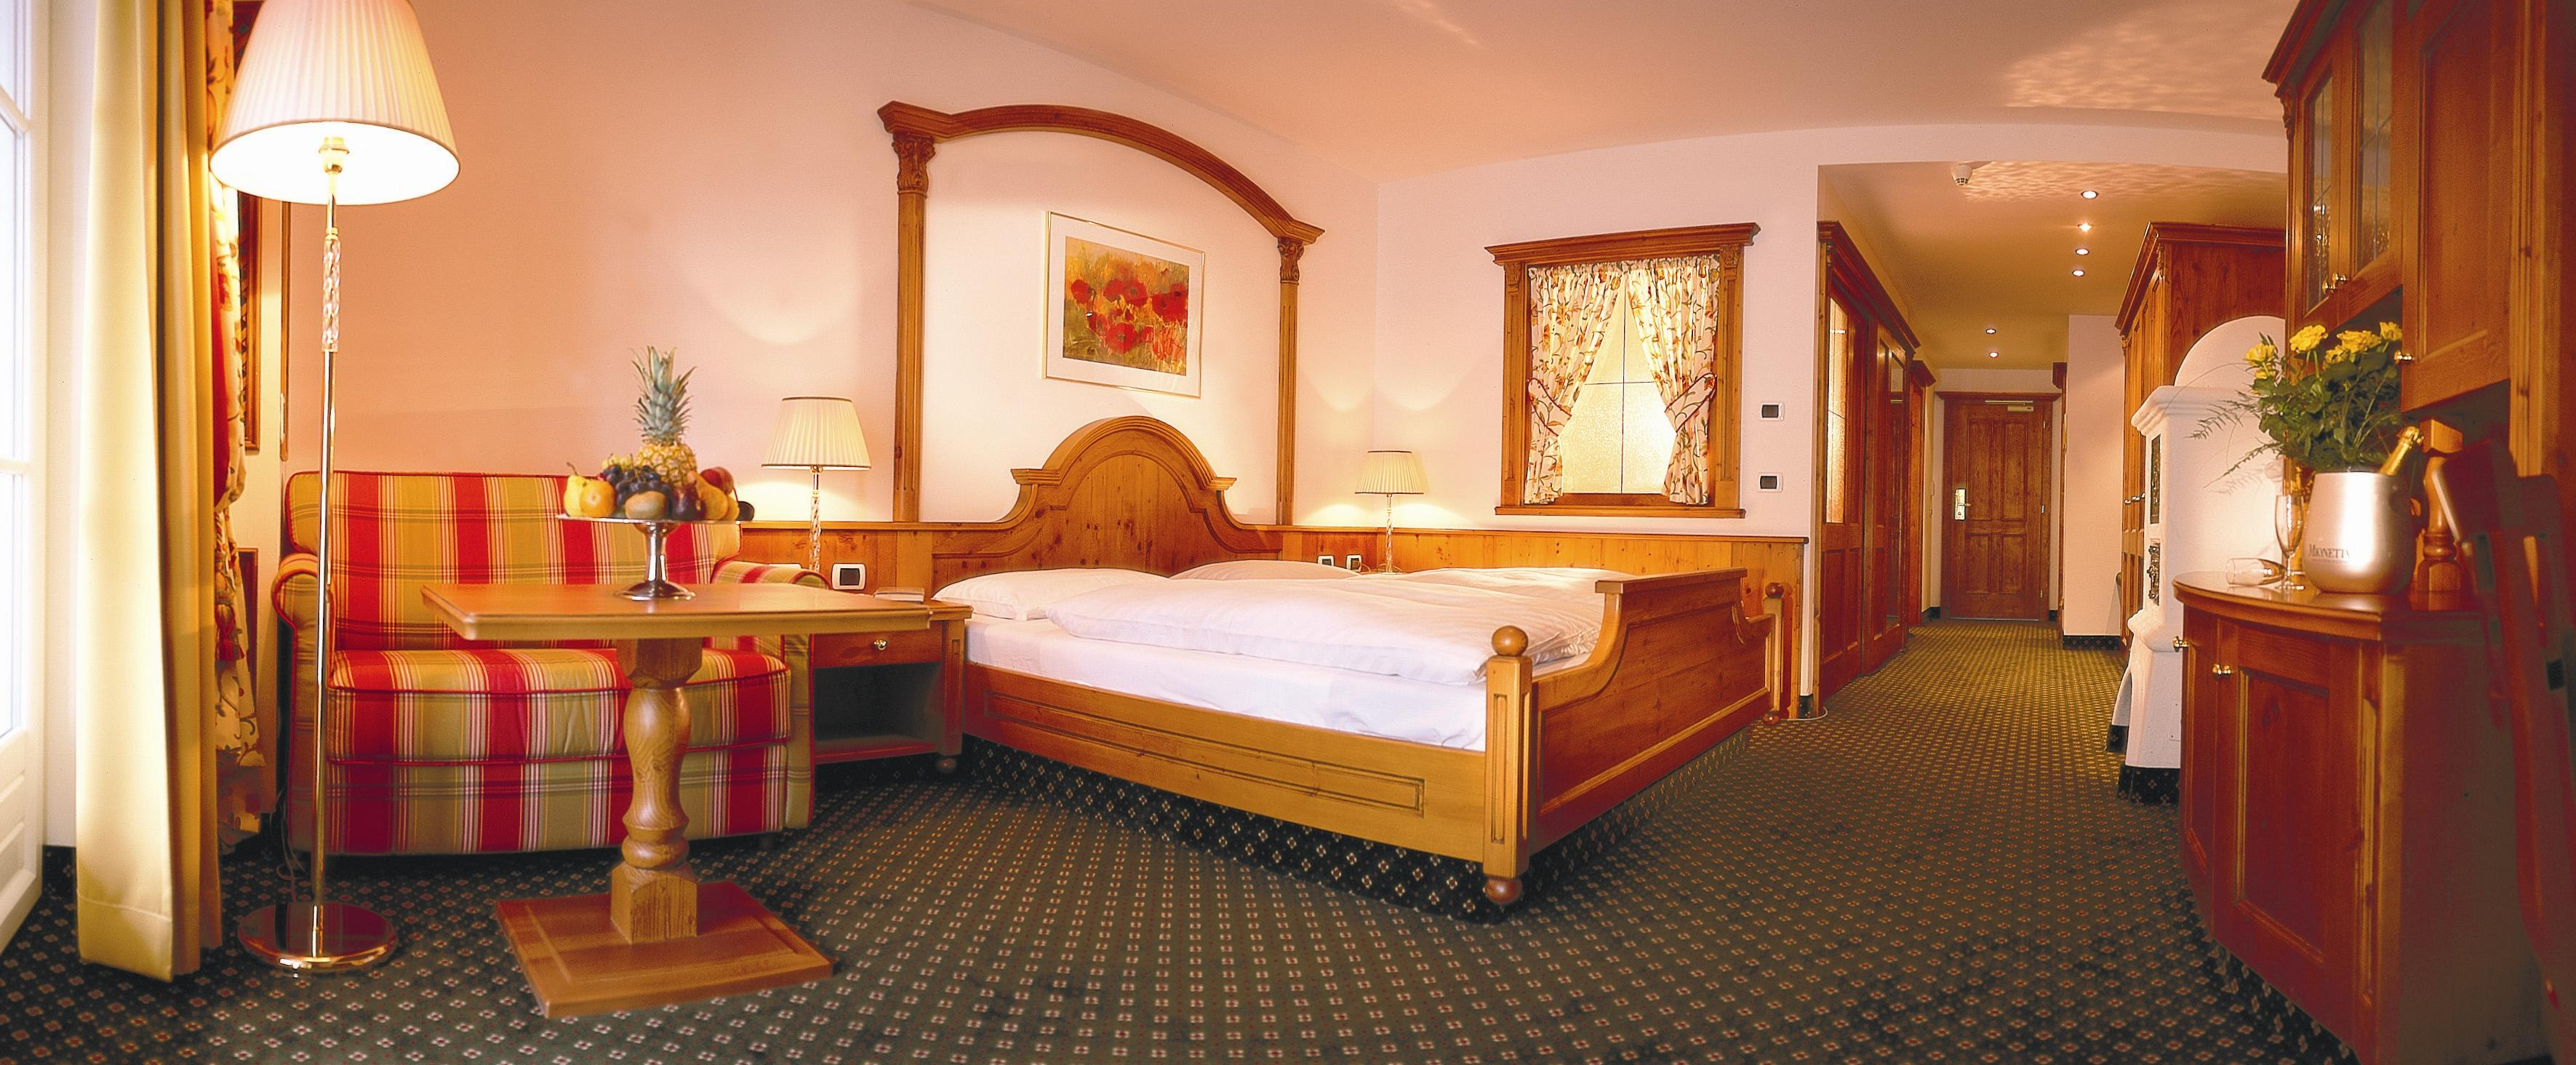 Cavallino bianco family spa hotel per bambini in for Hotel per bambini trentino